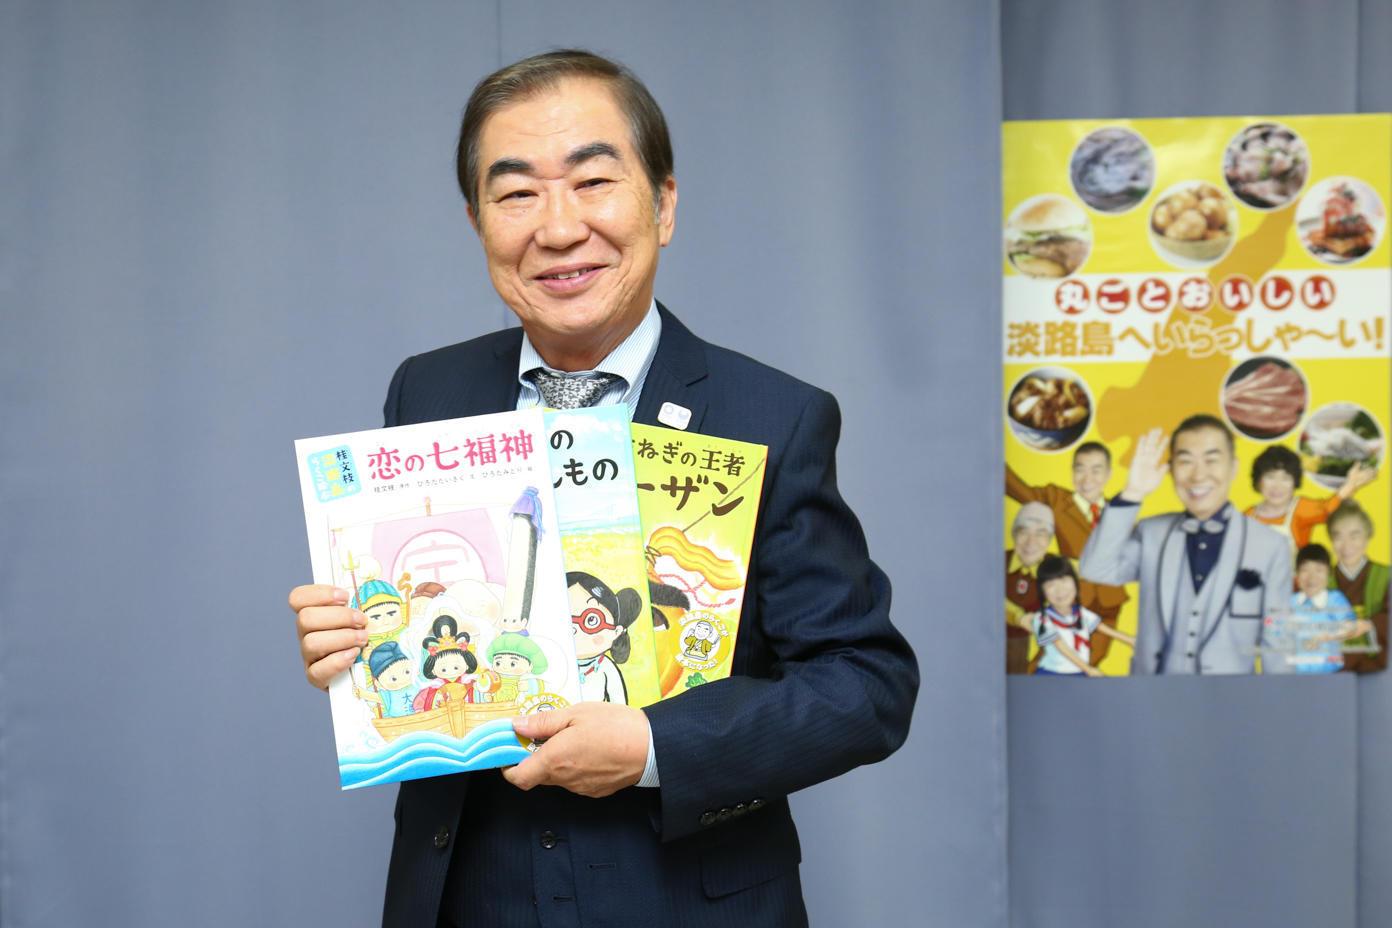 http://news.yoshimoto.co.jp/20170913181246-f5b0e6e22bf7bf7ec5192a9d175b8acece9e16be.jpg